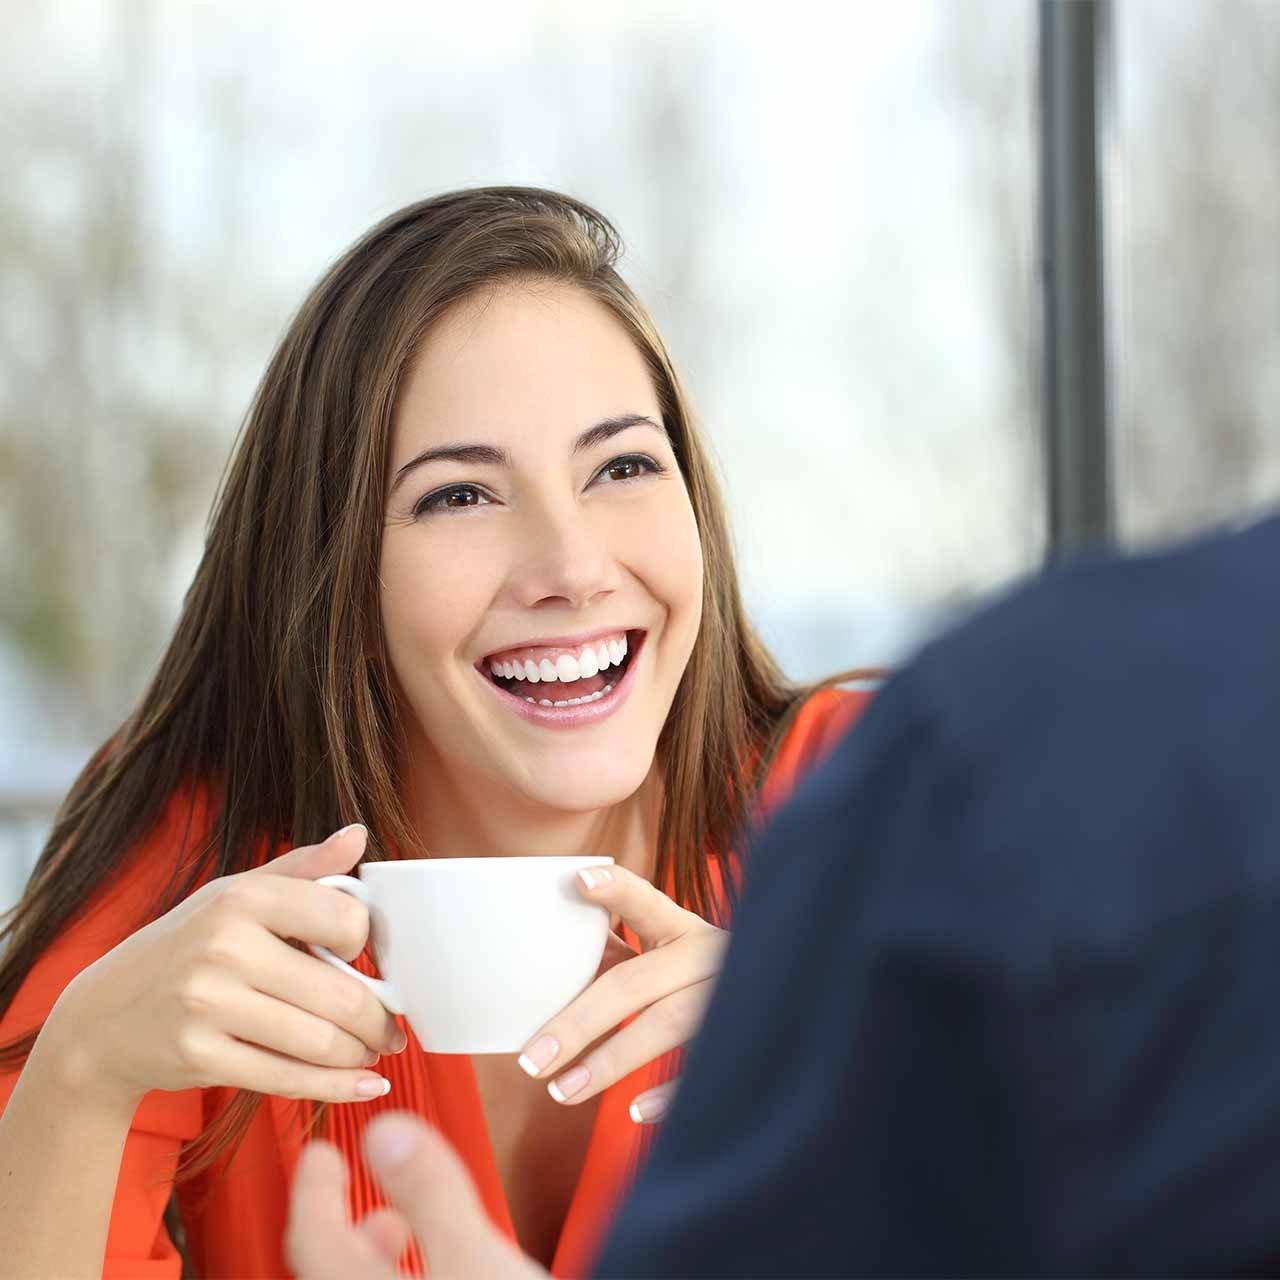 親しみやすく幸せそうな女性と男性